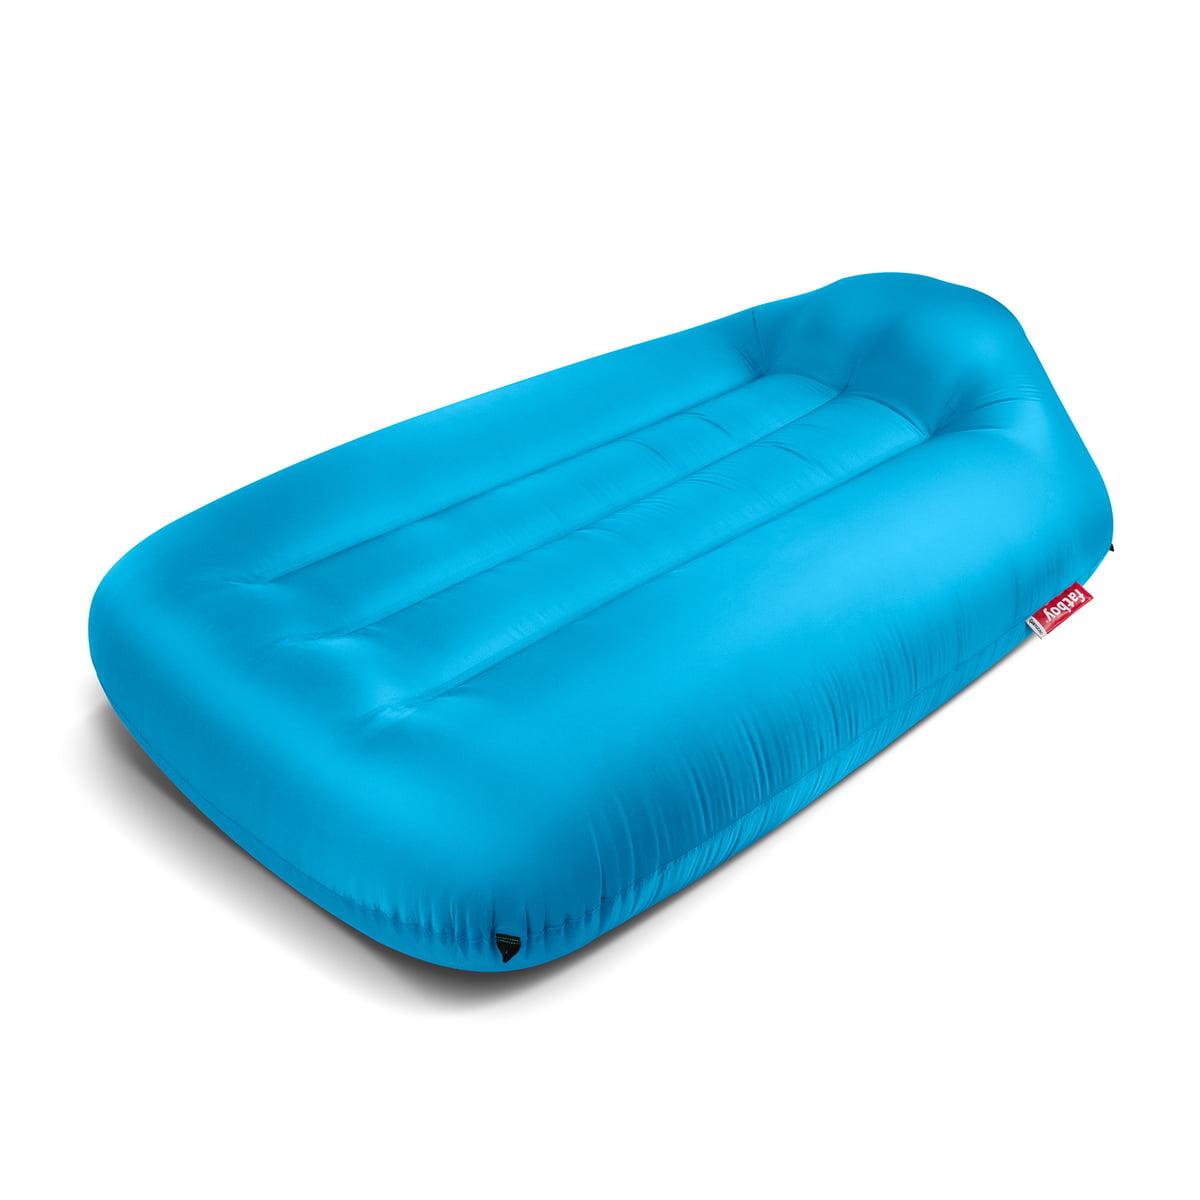 huge discount b0af1 eb5c2 The Fatboy - Lamzac L, aqua-blue